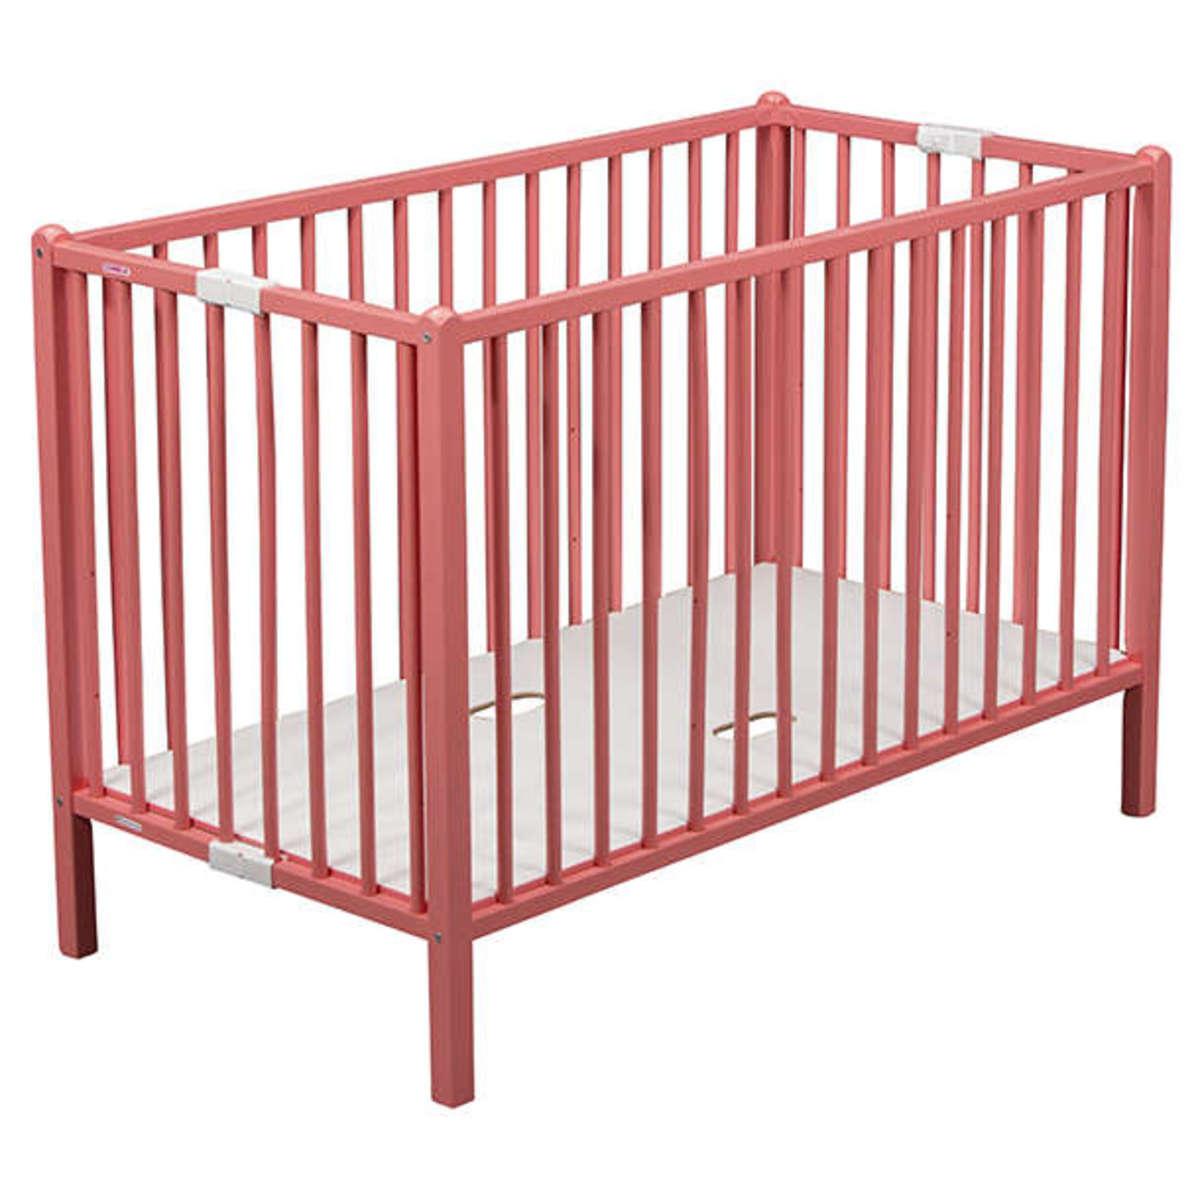 combelle lit b b pliant rom o 60 x 120 cm laqu rose lit b b combelle sur l 39 armoire de b b. Black Bedroom Furniture Sets. Home Design Ideas